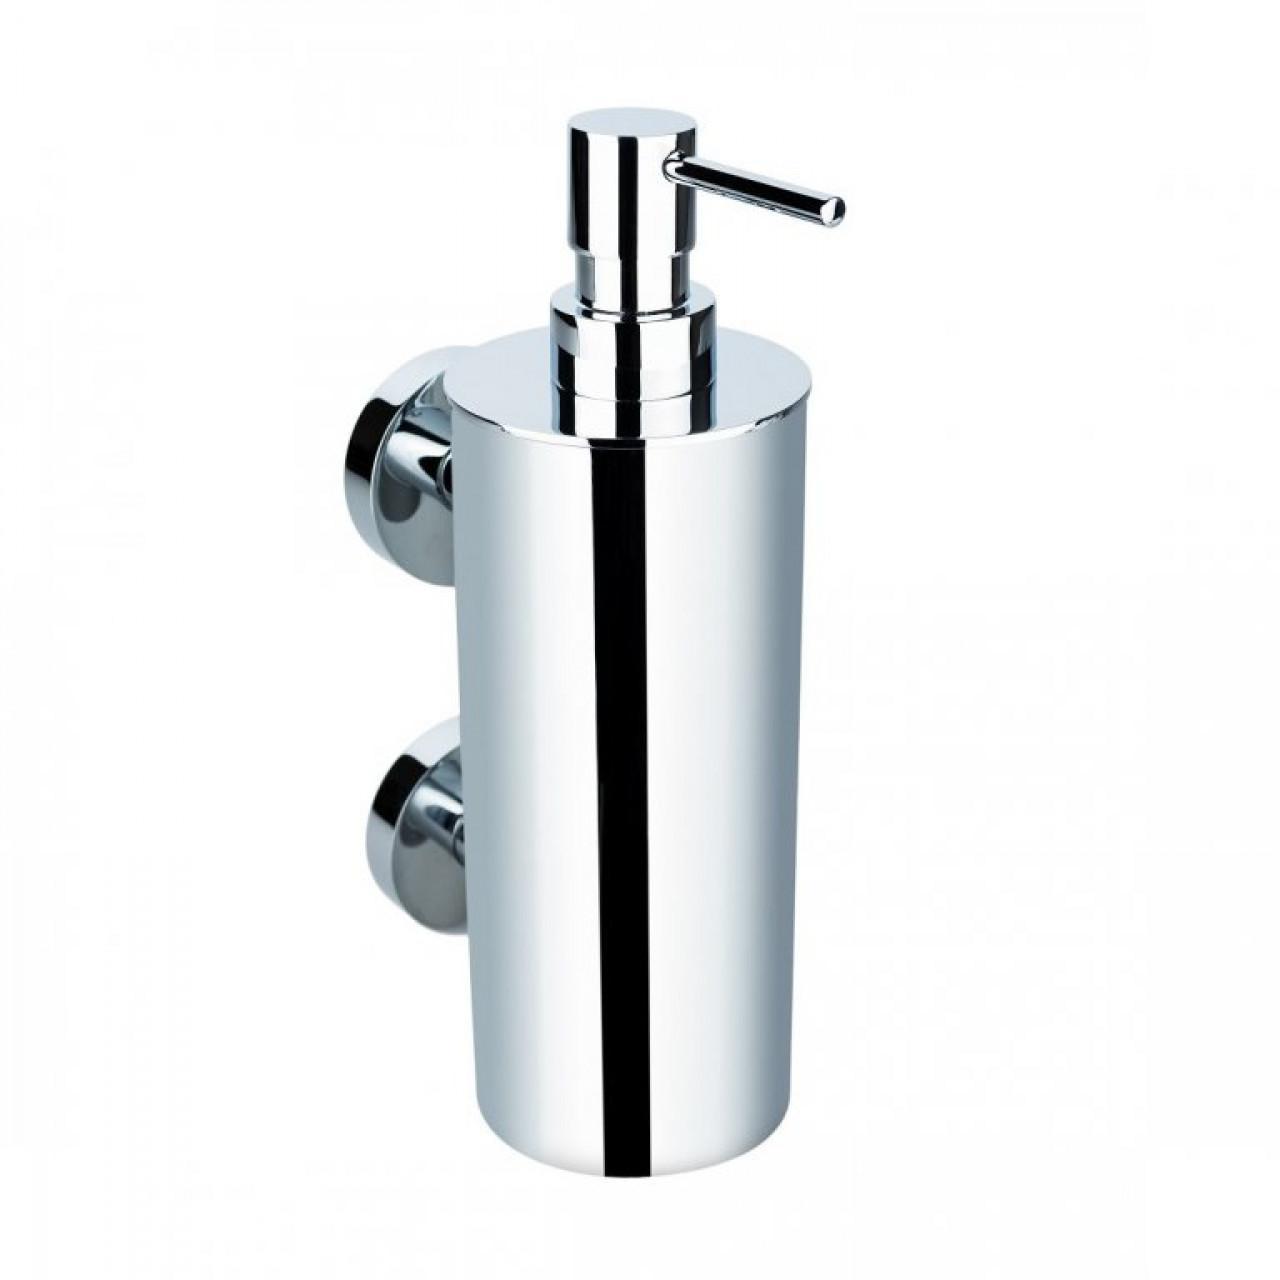 Настенный дозатор для жидкого мыла BEMETA OMEGA 104109032 купить в Москве по цене от 5079р. в интернет-магазине mebel-v-vannu.ru